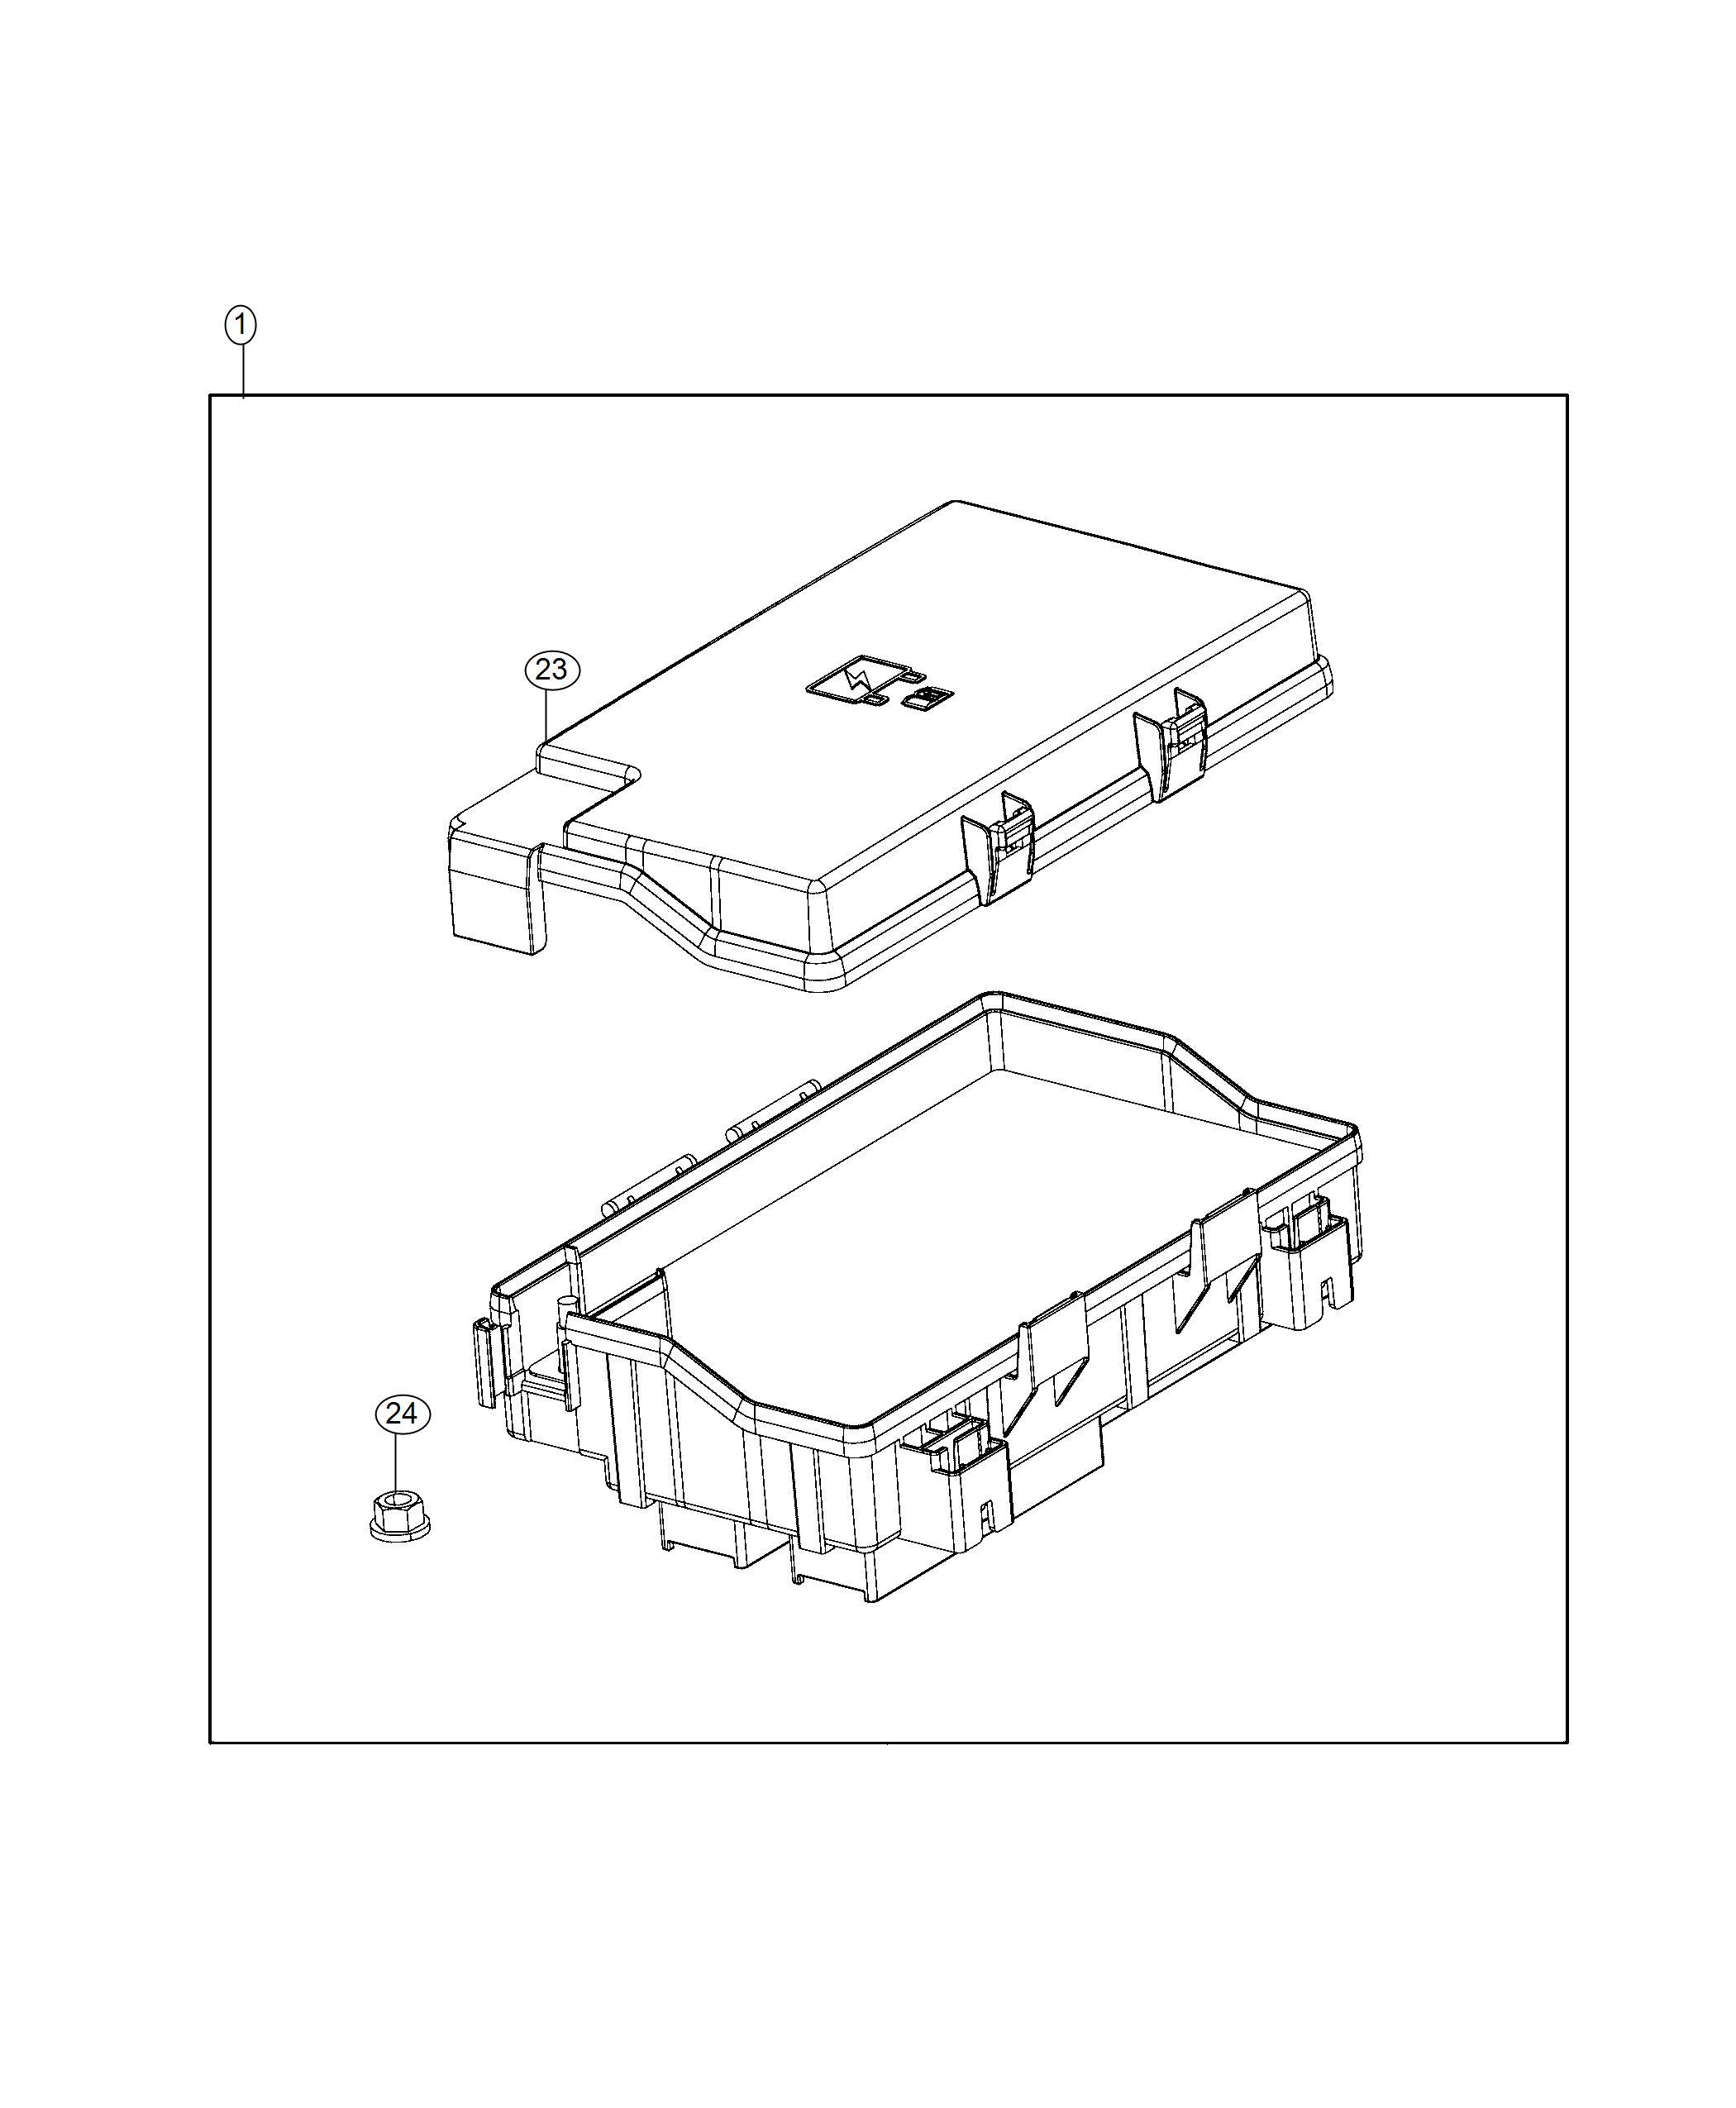 Ram Fuse M Case Mini J Case 20 Amp Export